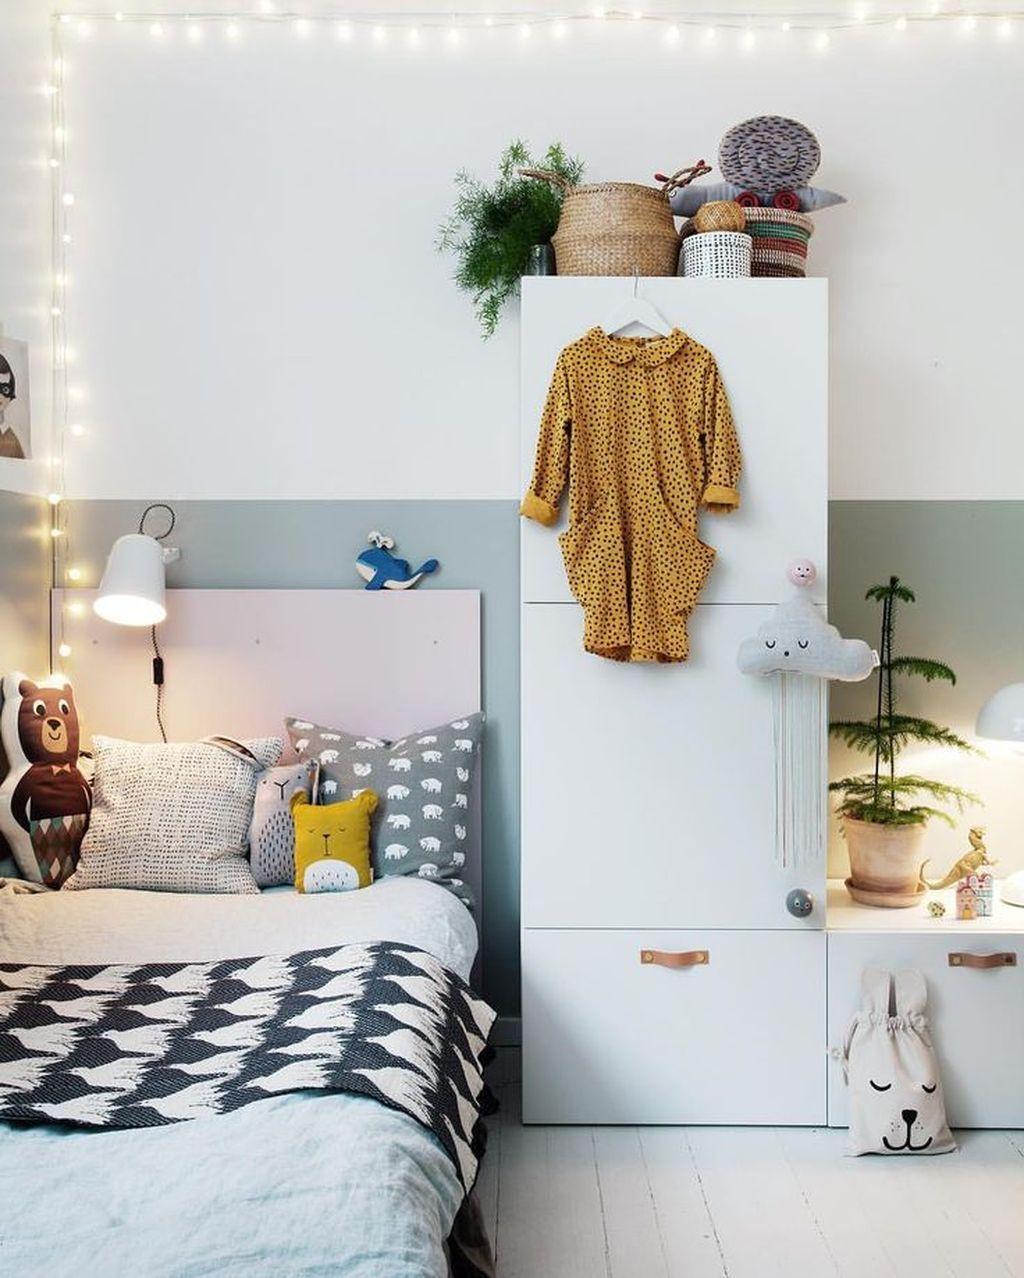 Scandinavian Bedroom Curtains Bedroom Chandeliers Menards Bedroom Athletics Mule Slippers Bedroom Colour Combination: 34 Unique Scandinavian Kids Bedroom Design To Make Your